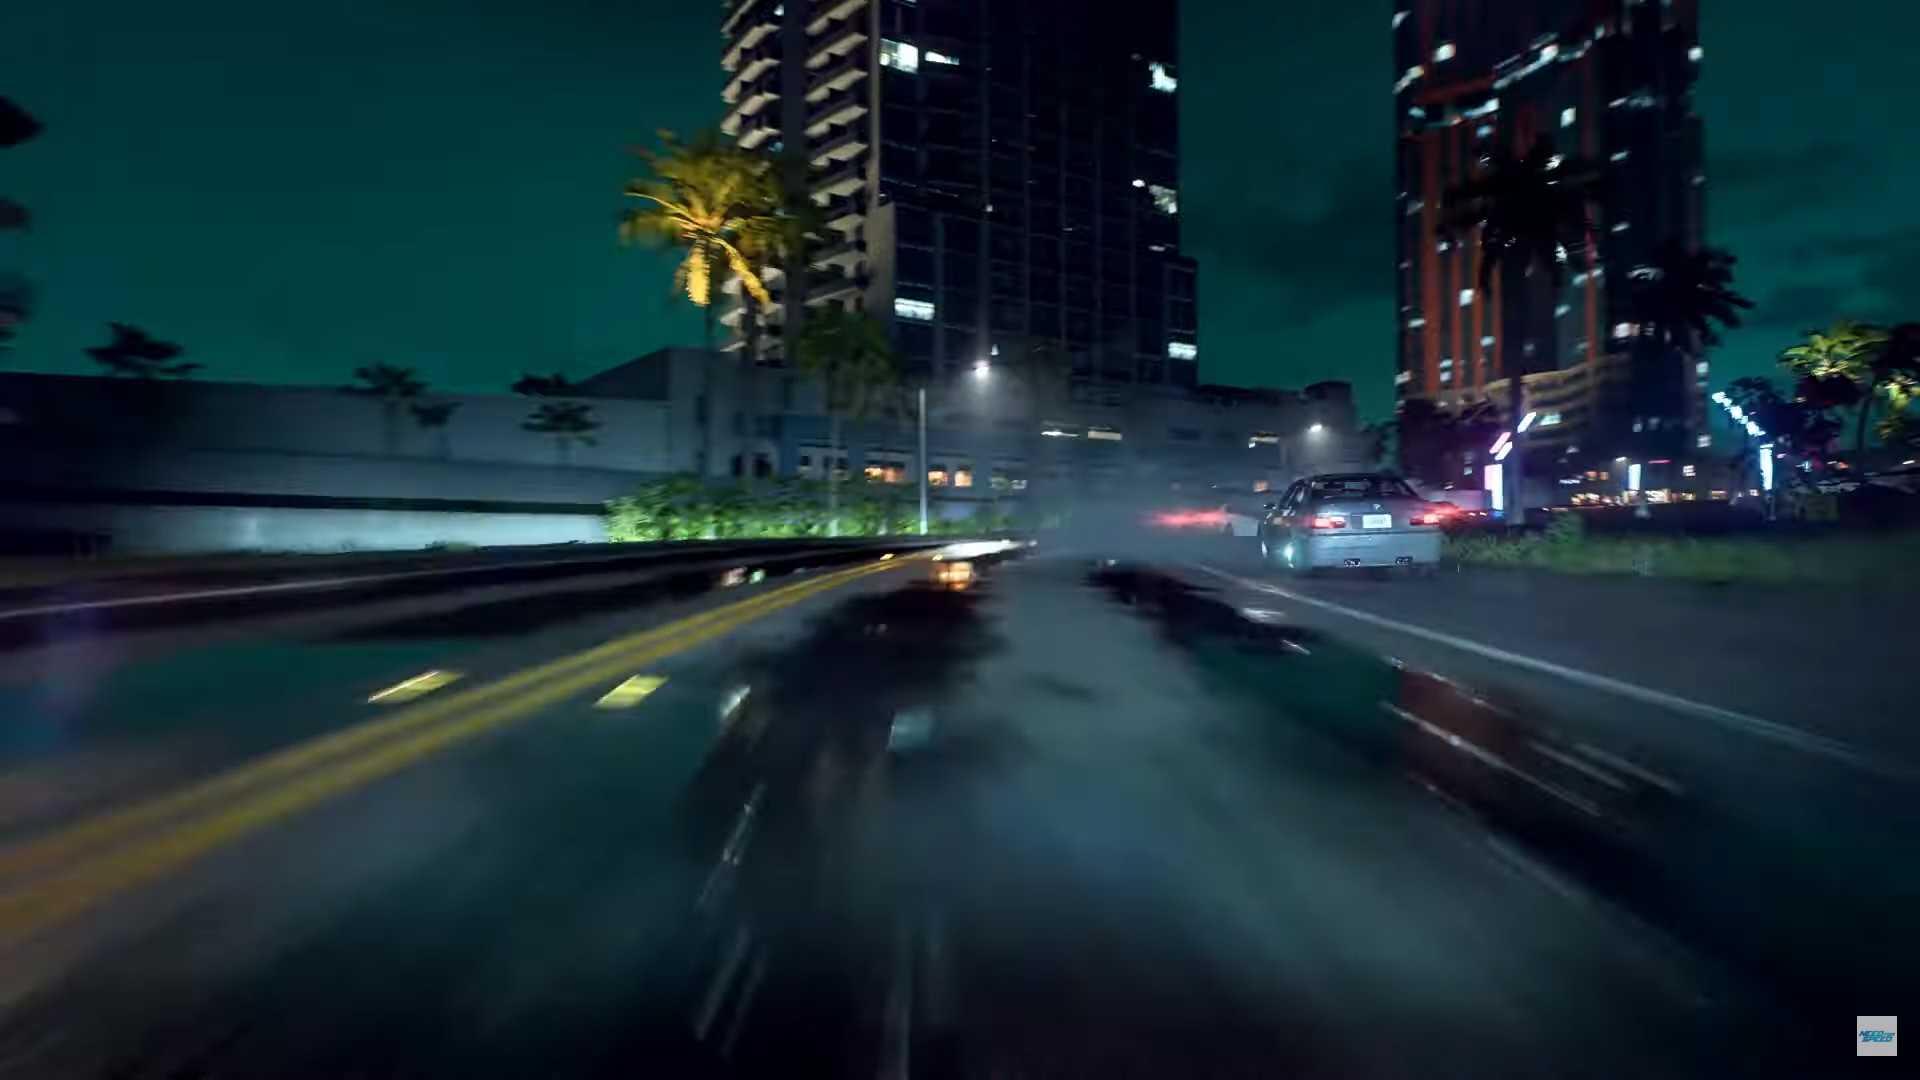 Похоже, обширная кастомизация автомобилей также будет частью игры - еще один аспект, часто упоминаемый во франшизе NFS.